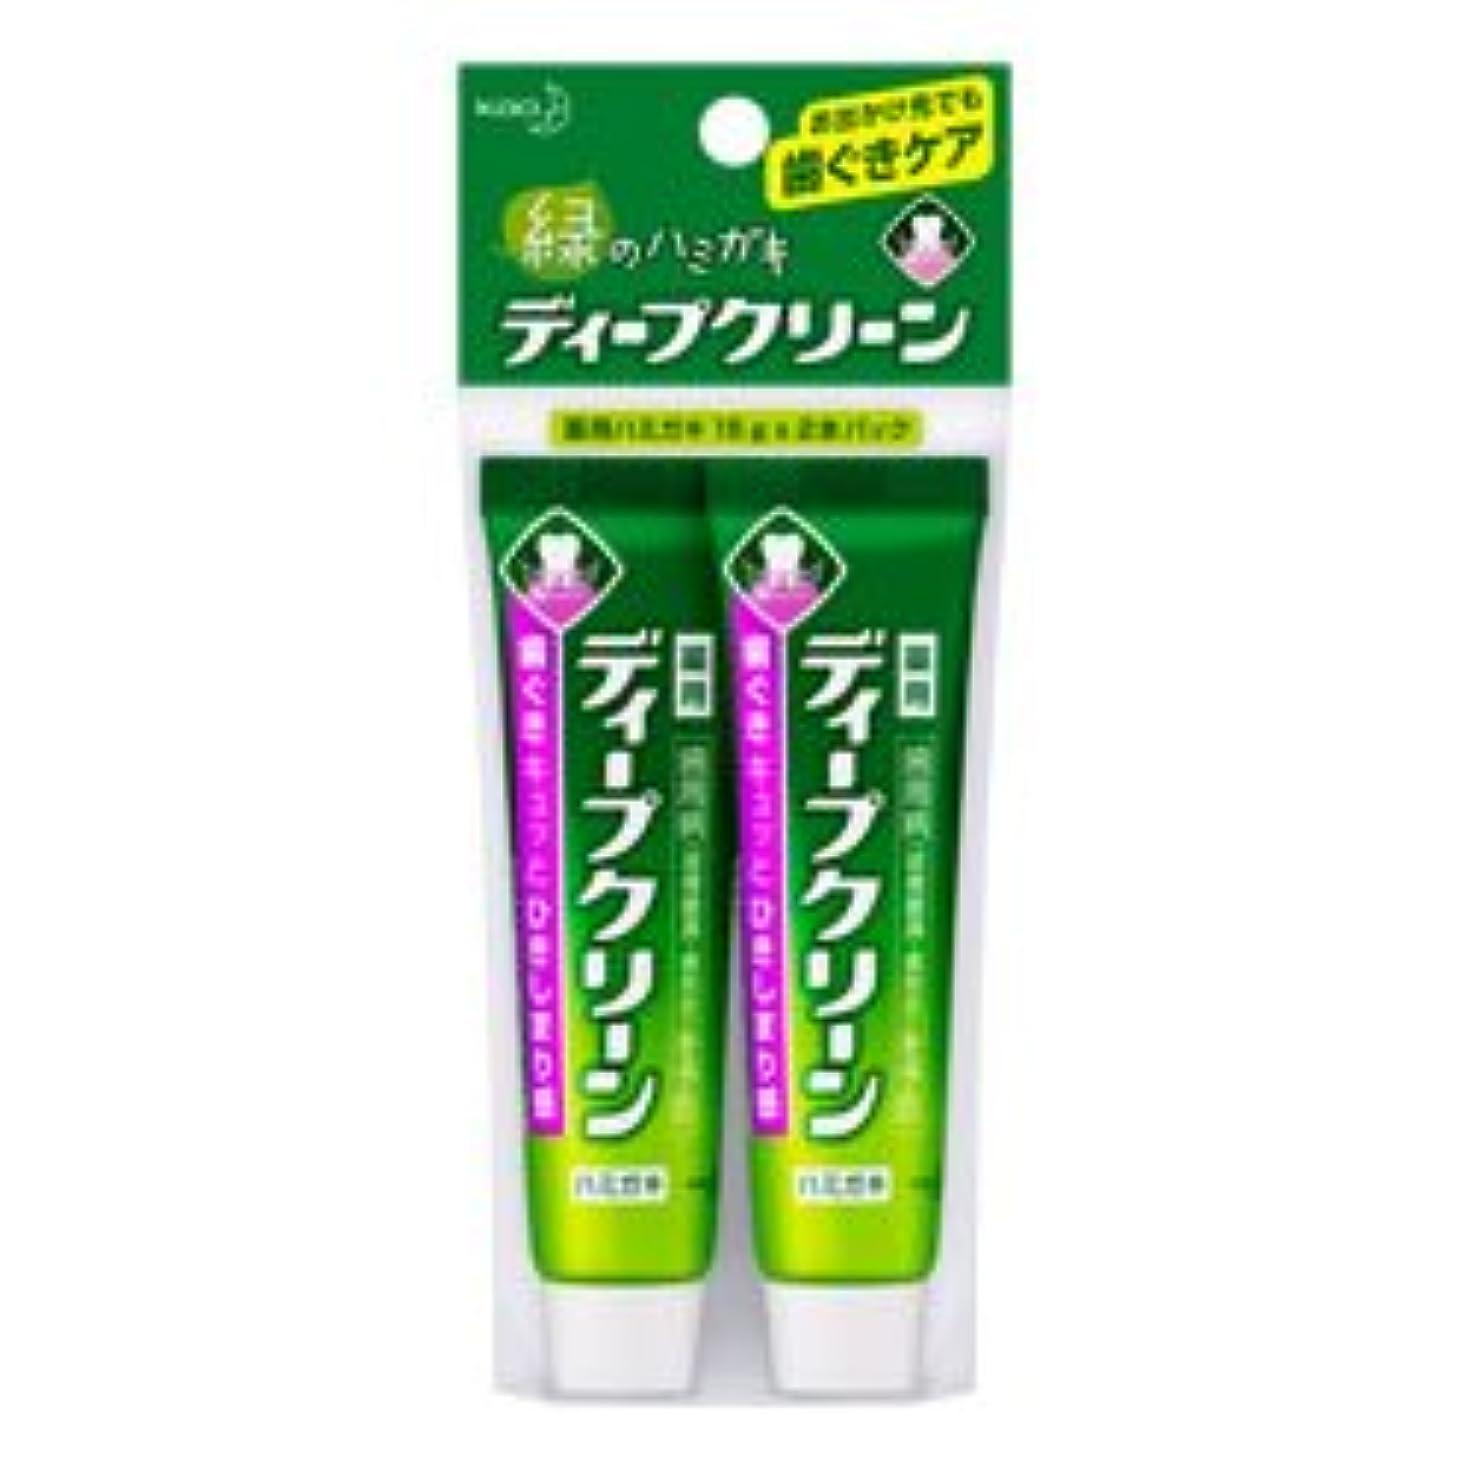 アピールリストシーフード【花王】ディープクリーン 薬用ハミガキ ミニ 15g×2本 ×20個セット